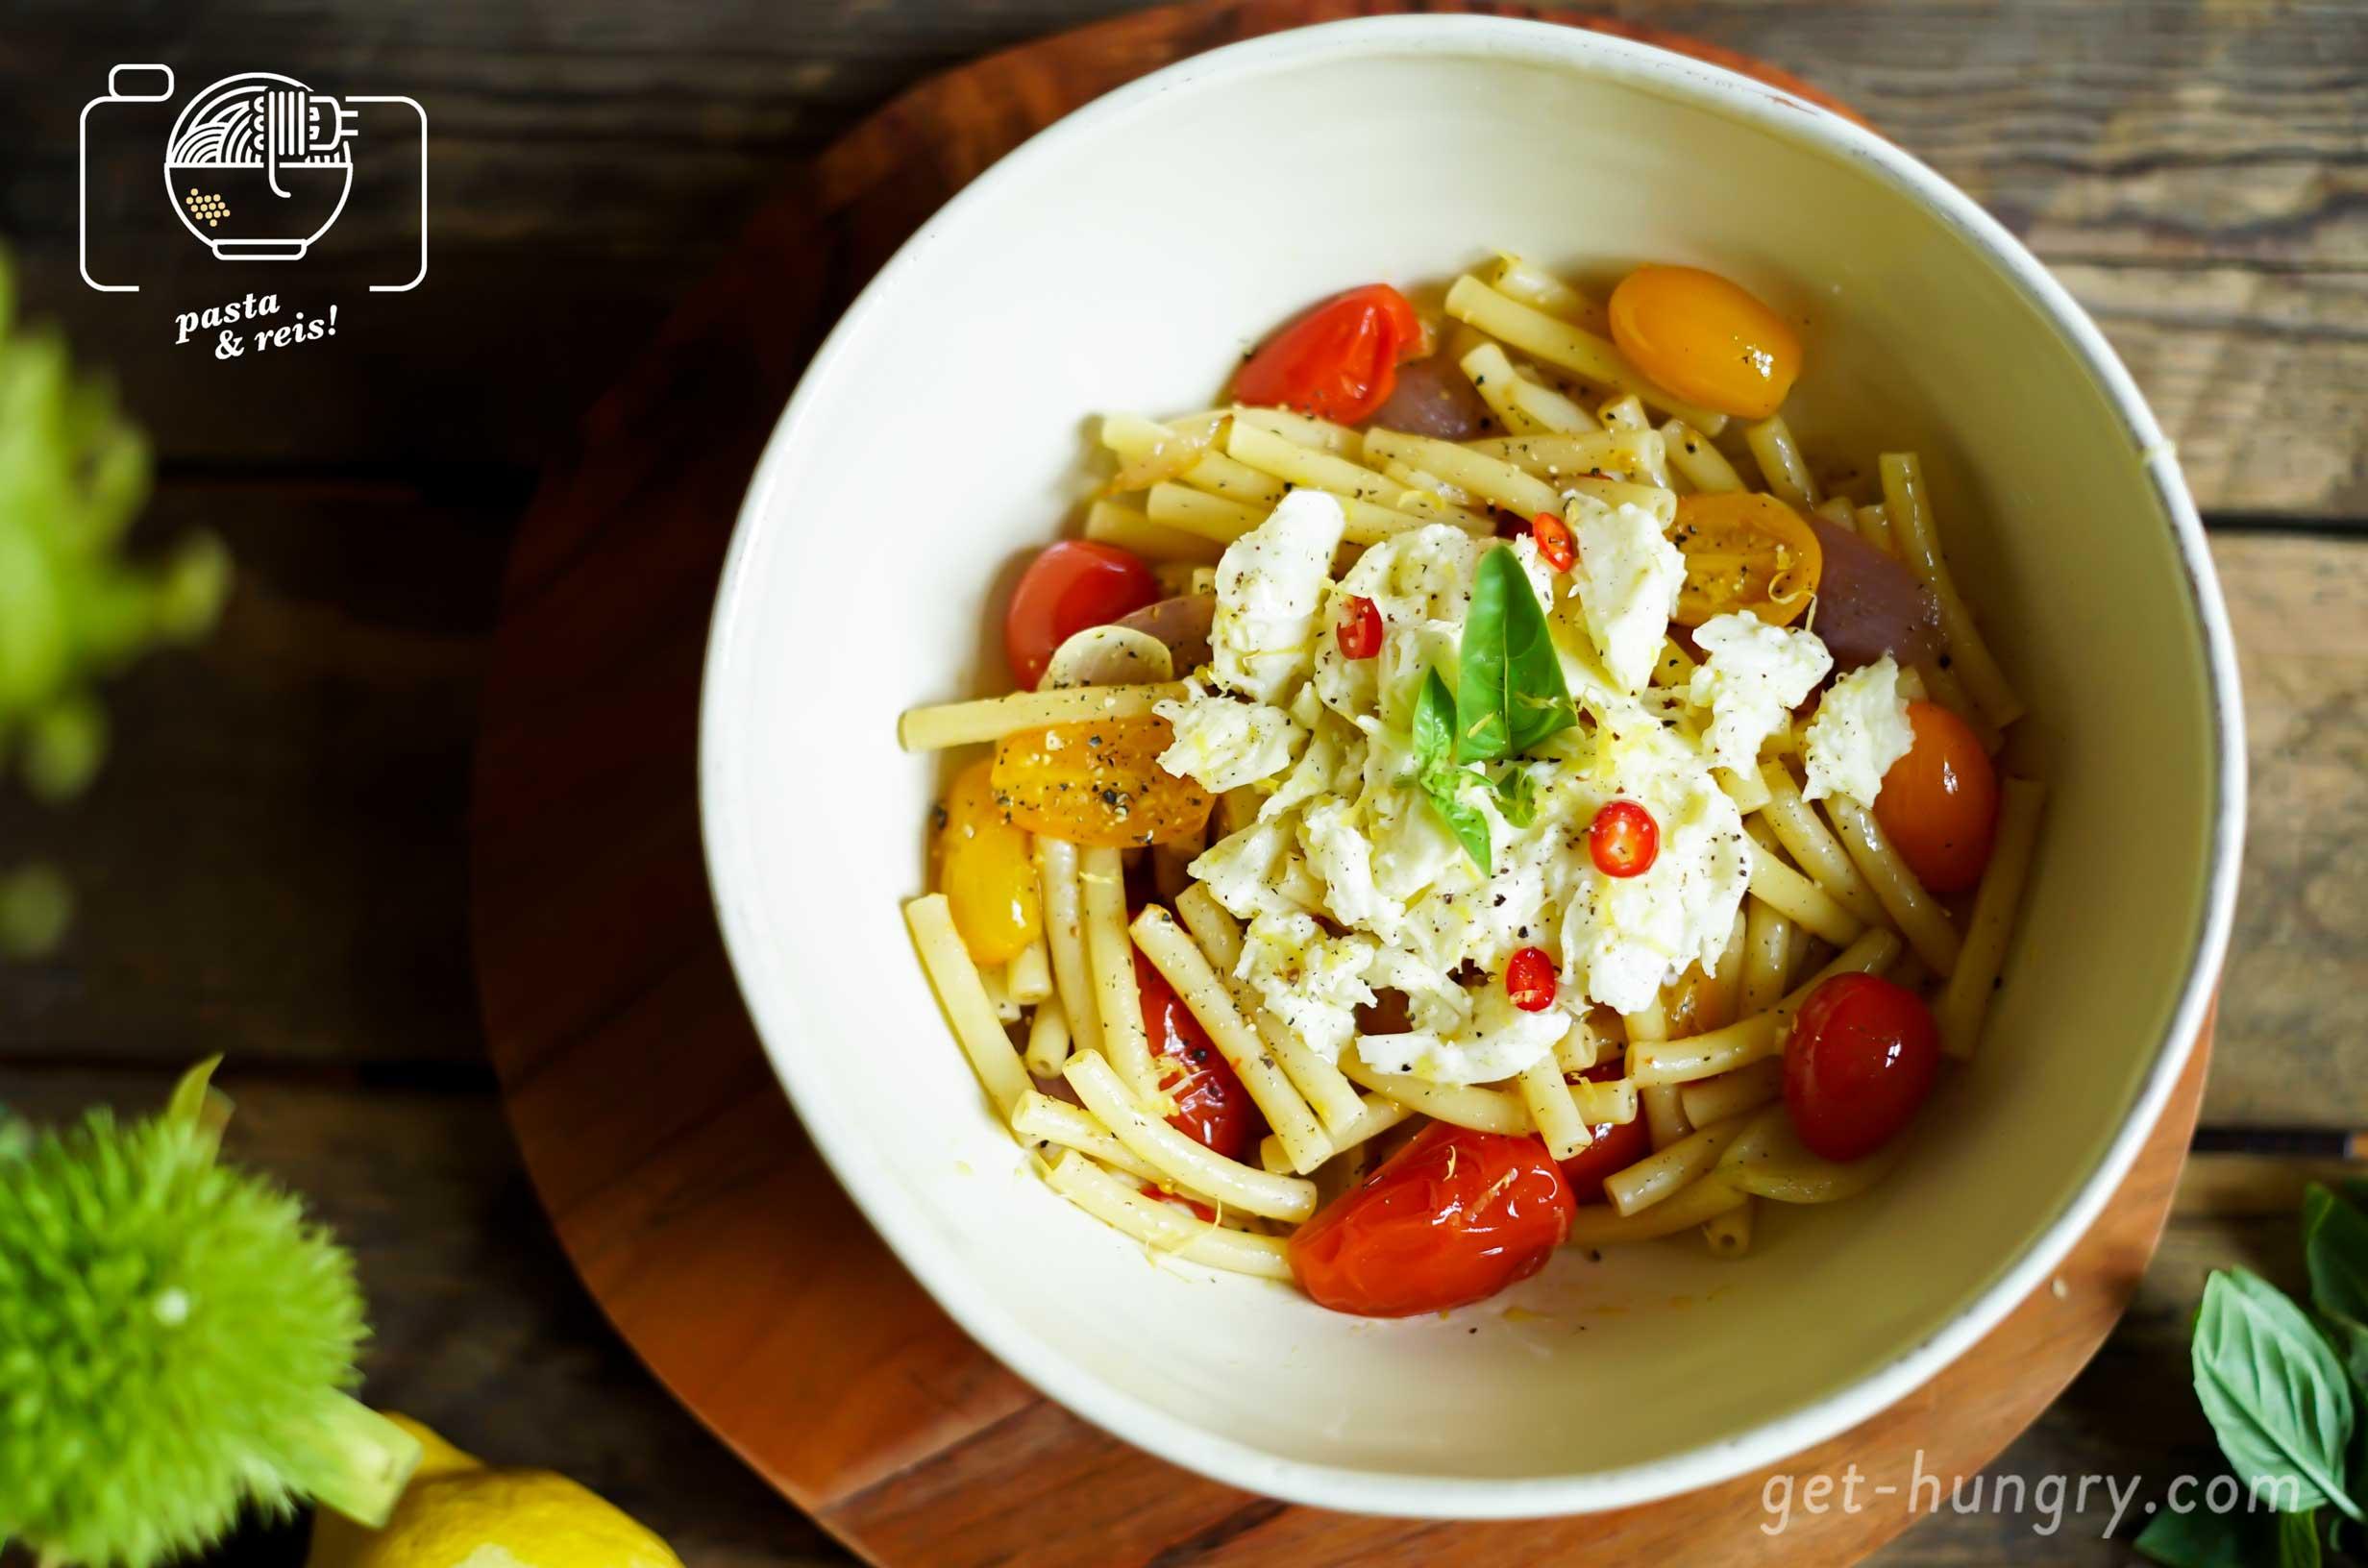 Pimp die Pasta - Klassisch dazu schmeckt natürlich Basilikum und geriebener Parmesan. Aber auch mit Zitrone marinierter Mozzarella macht sich ganz schön gut über süßen Tomaten. Frische Chili kann natürlich auch nicht schaden und wer es richtig deftig möchte, der brät mit Knoblauch und Zwiebeln eine Portion Speckwürfel mit an. Dann wird's im Handumdrehen die berühmte